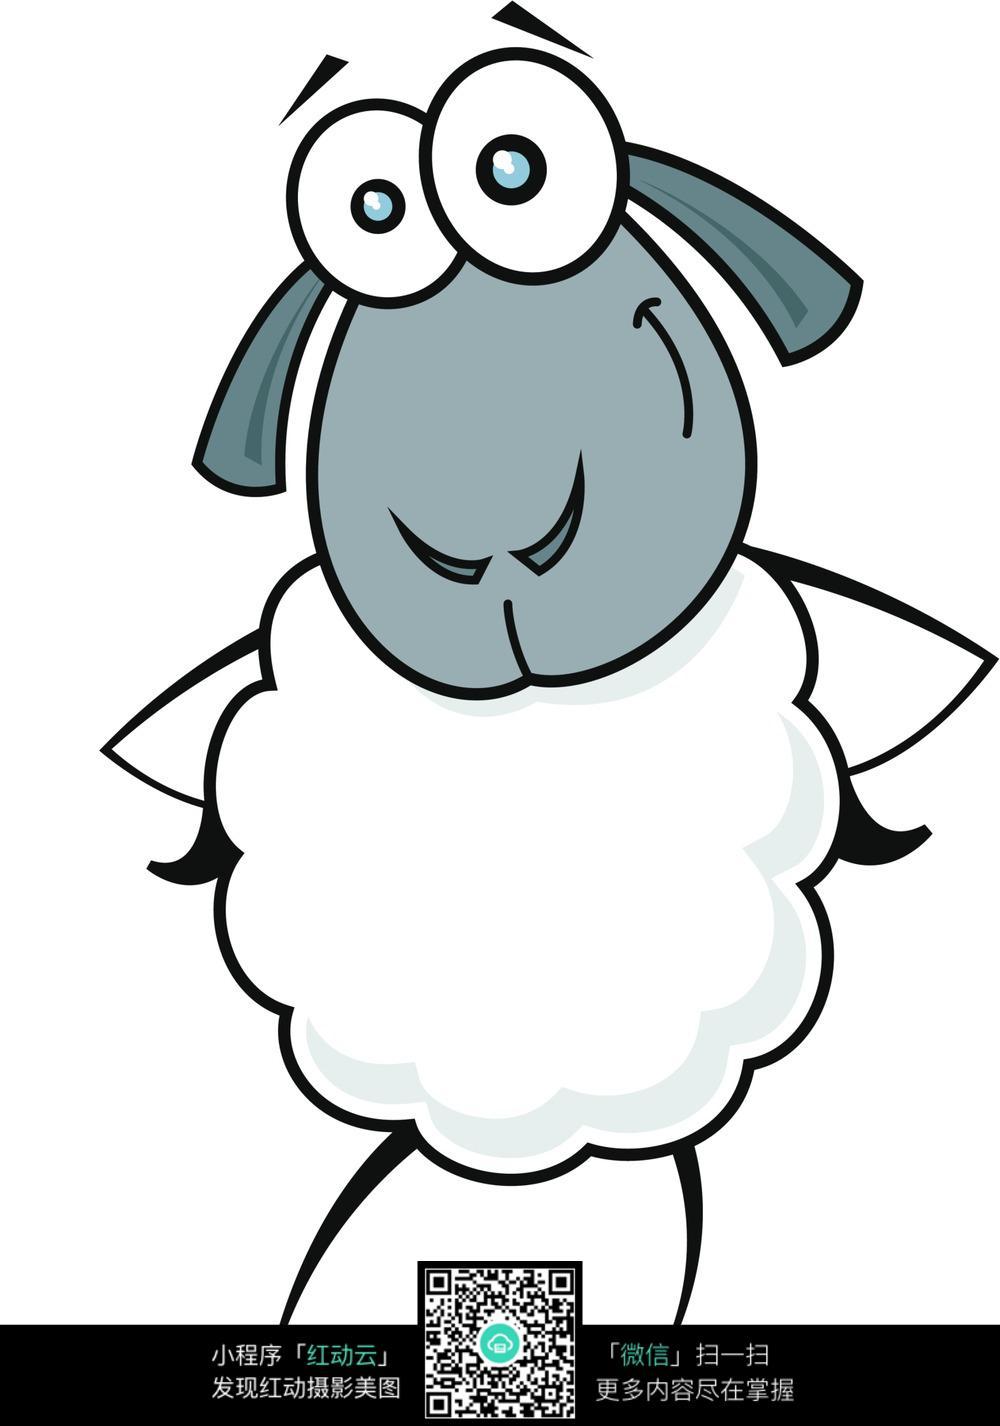 羊巢设计图片